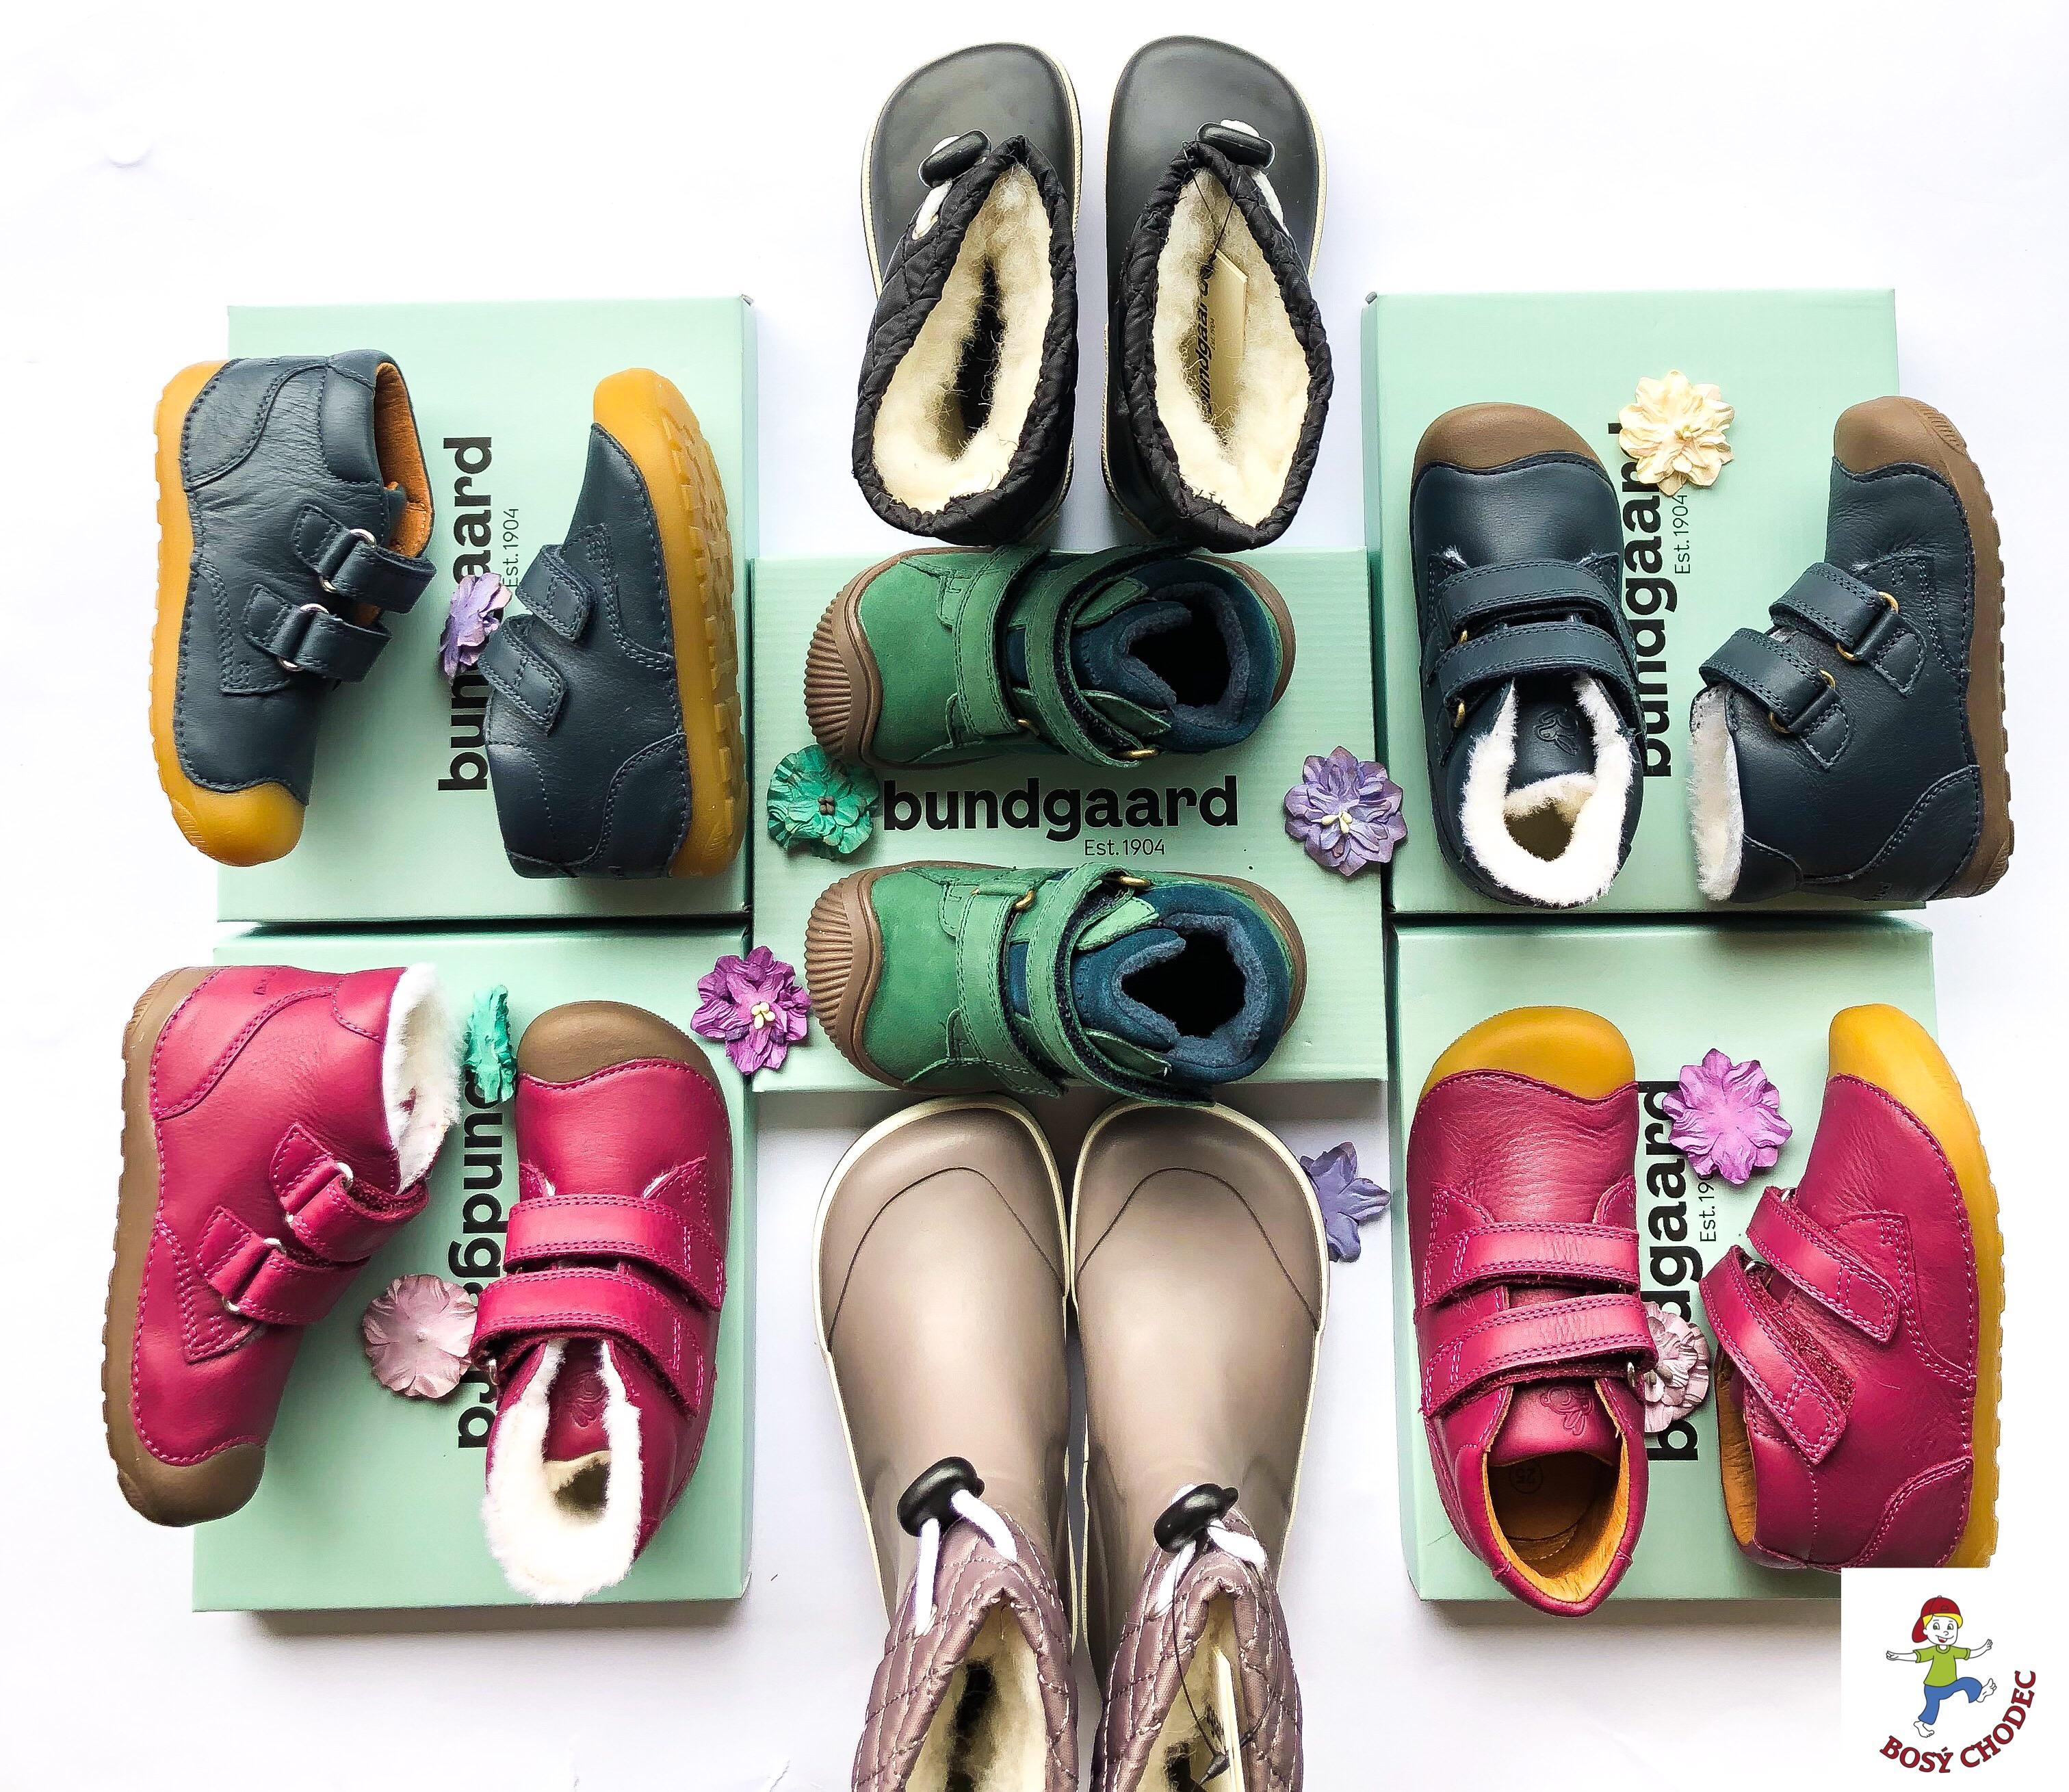 Bundgaard - celoroční, podzimní a zimní dětské boty